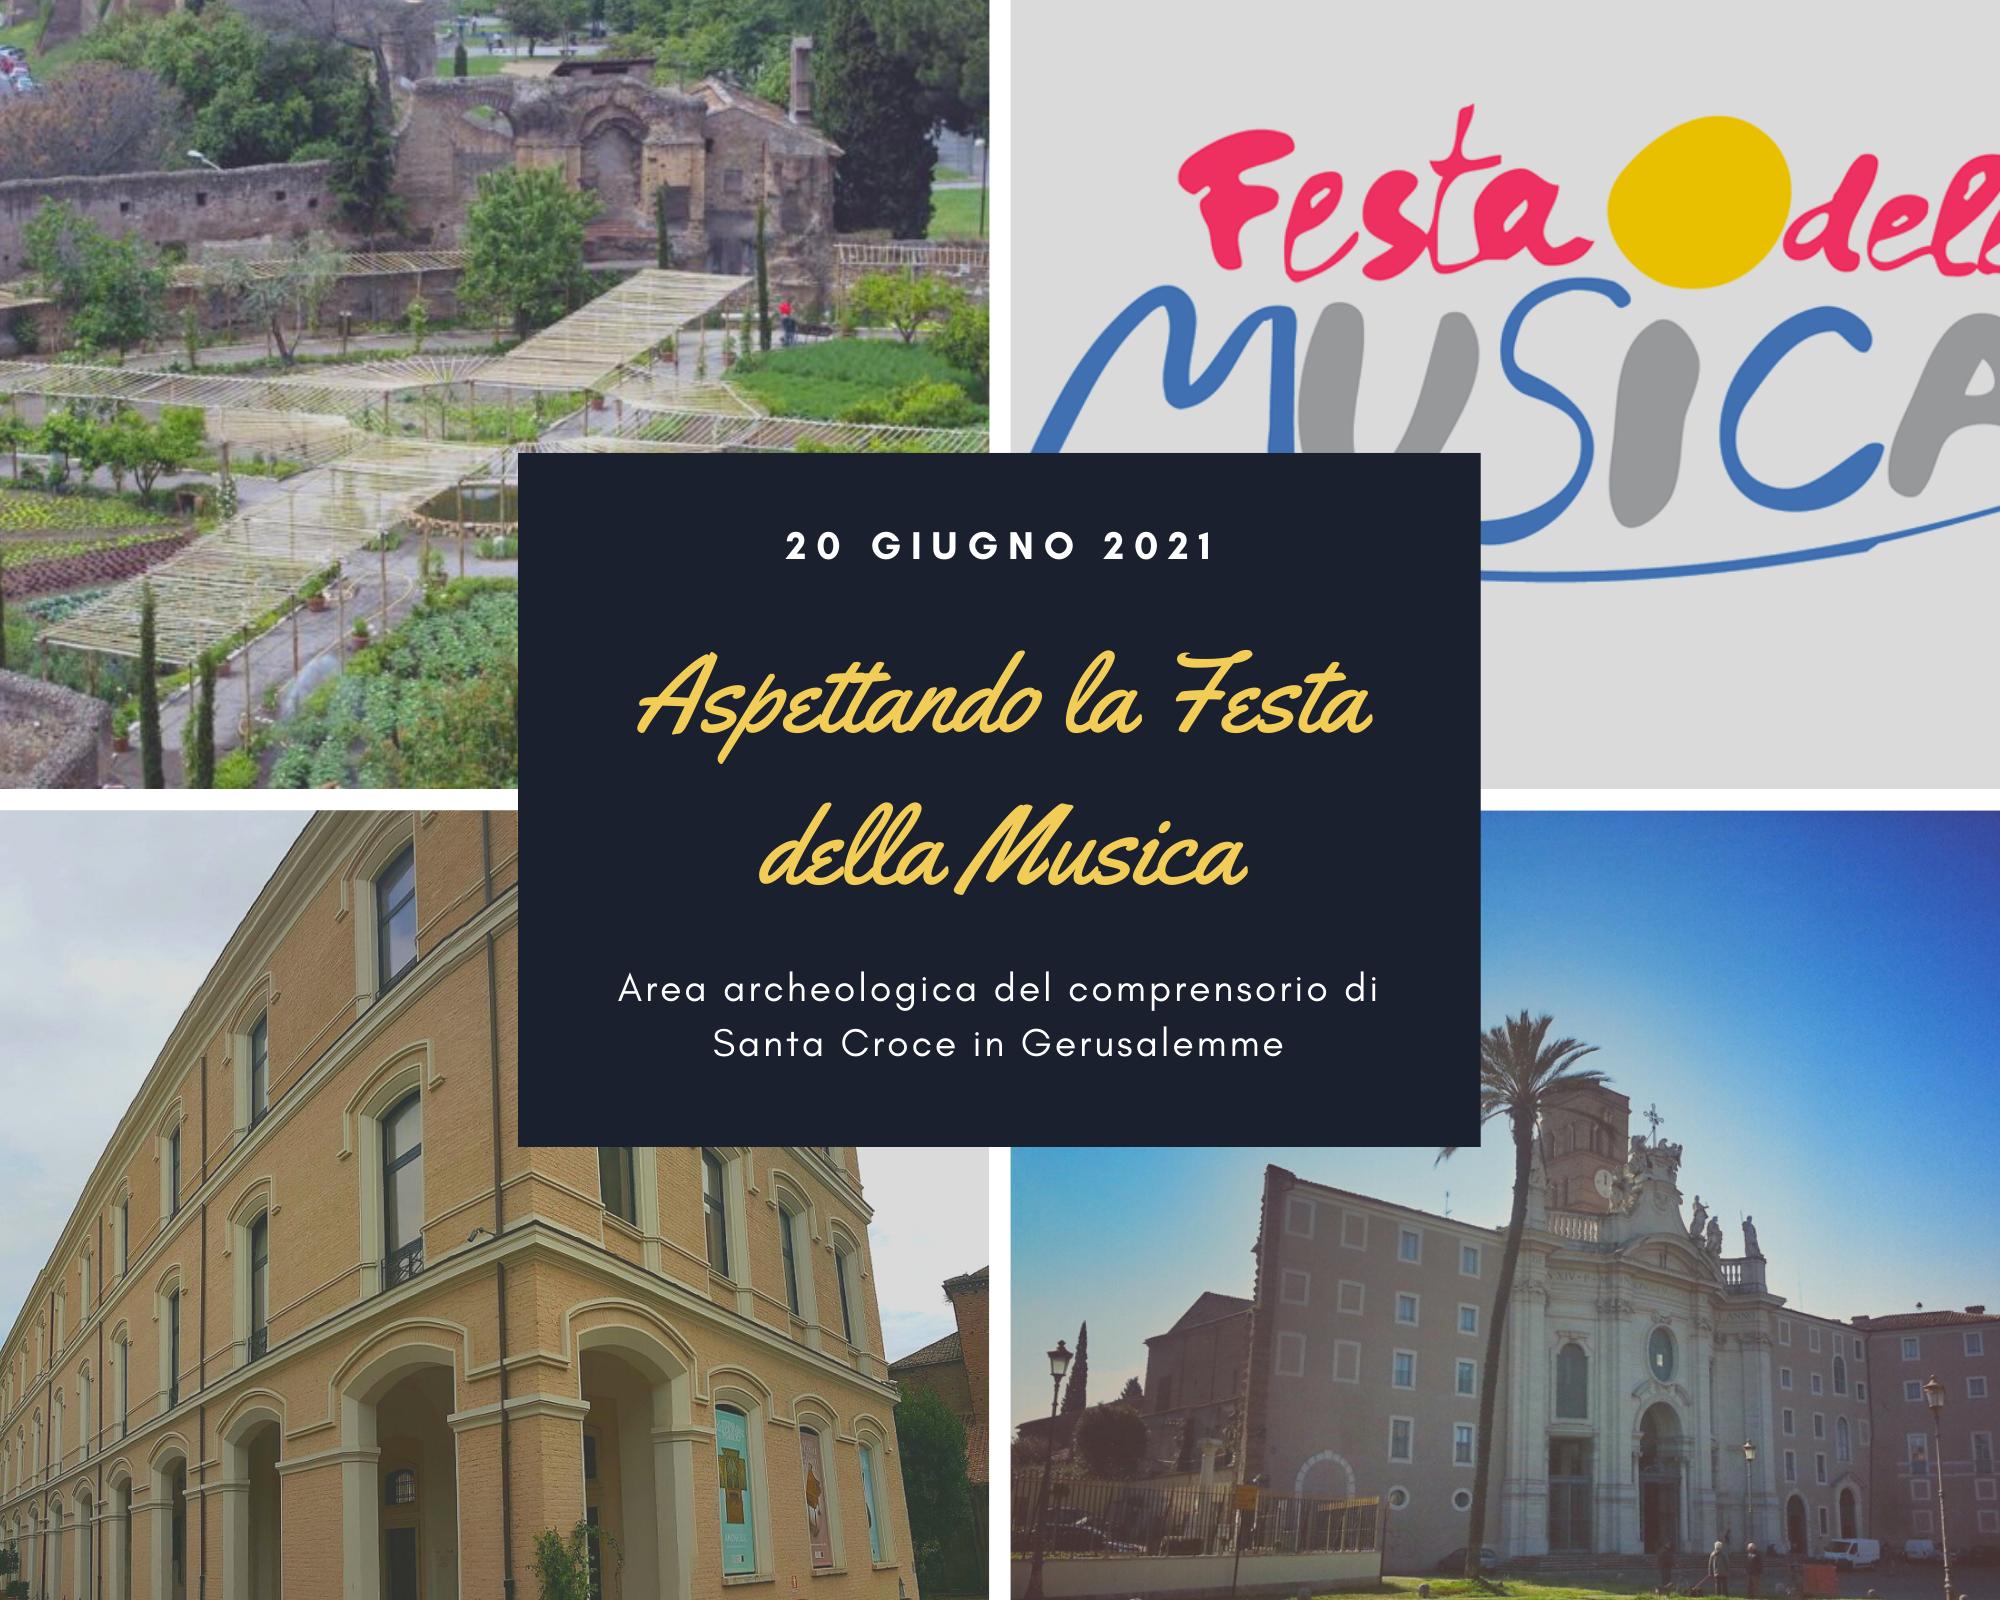 """20 giugno 2021 """"ASPETTANDO LA FESTA DELLA MUSICA"""" Area archeologica del comprensorio di S. Croce in Gerusalemme"""